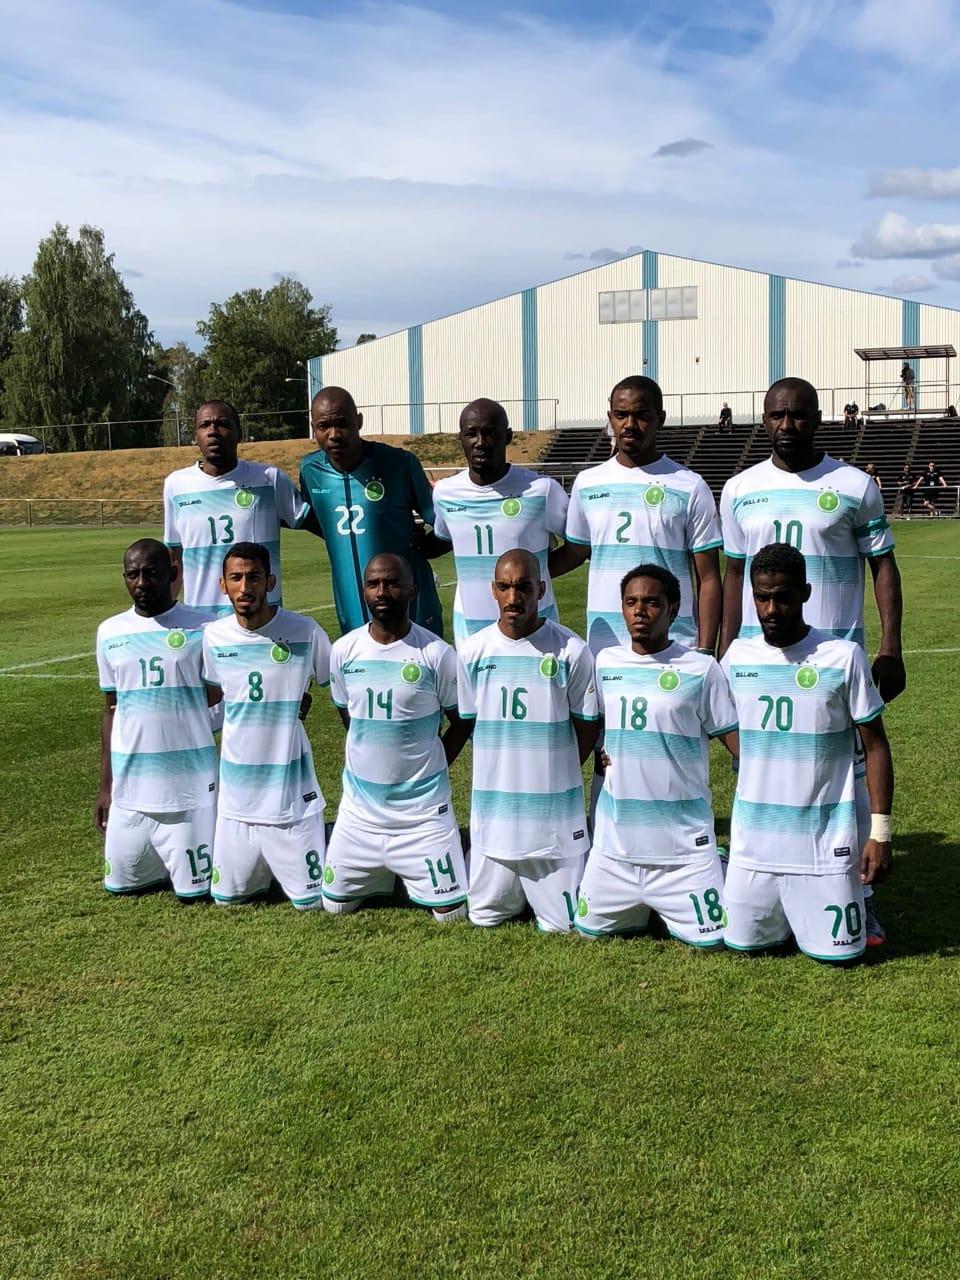 المنتخب السعودي يتصدر مجموعته و يجهز لنصف النهائي